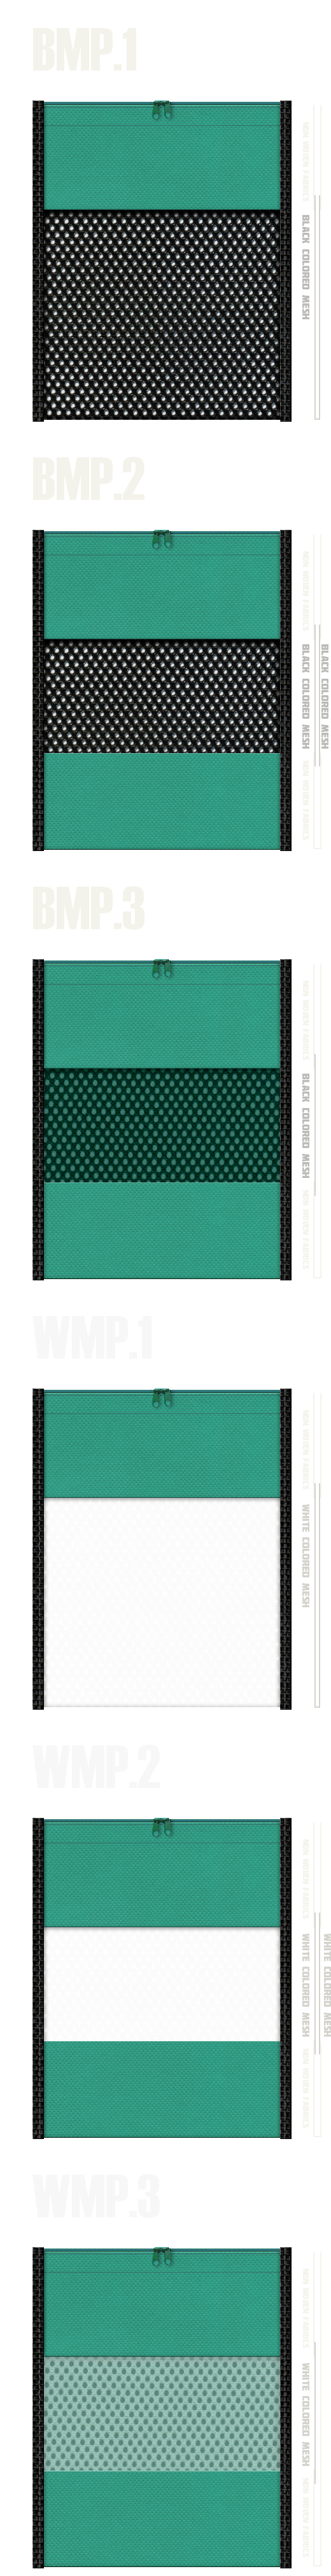 メッシュポーチのカラーシミュレーション:黒色・白色メッシュと青緑色不織布の組み合わせ